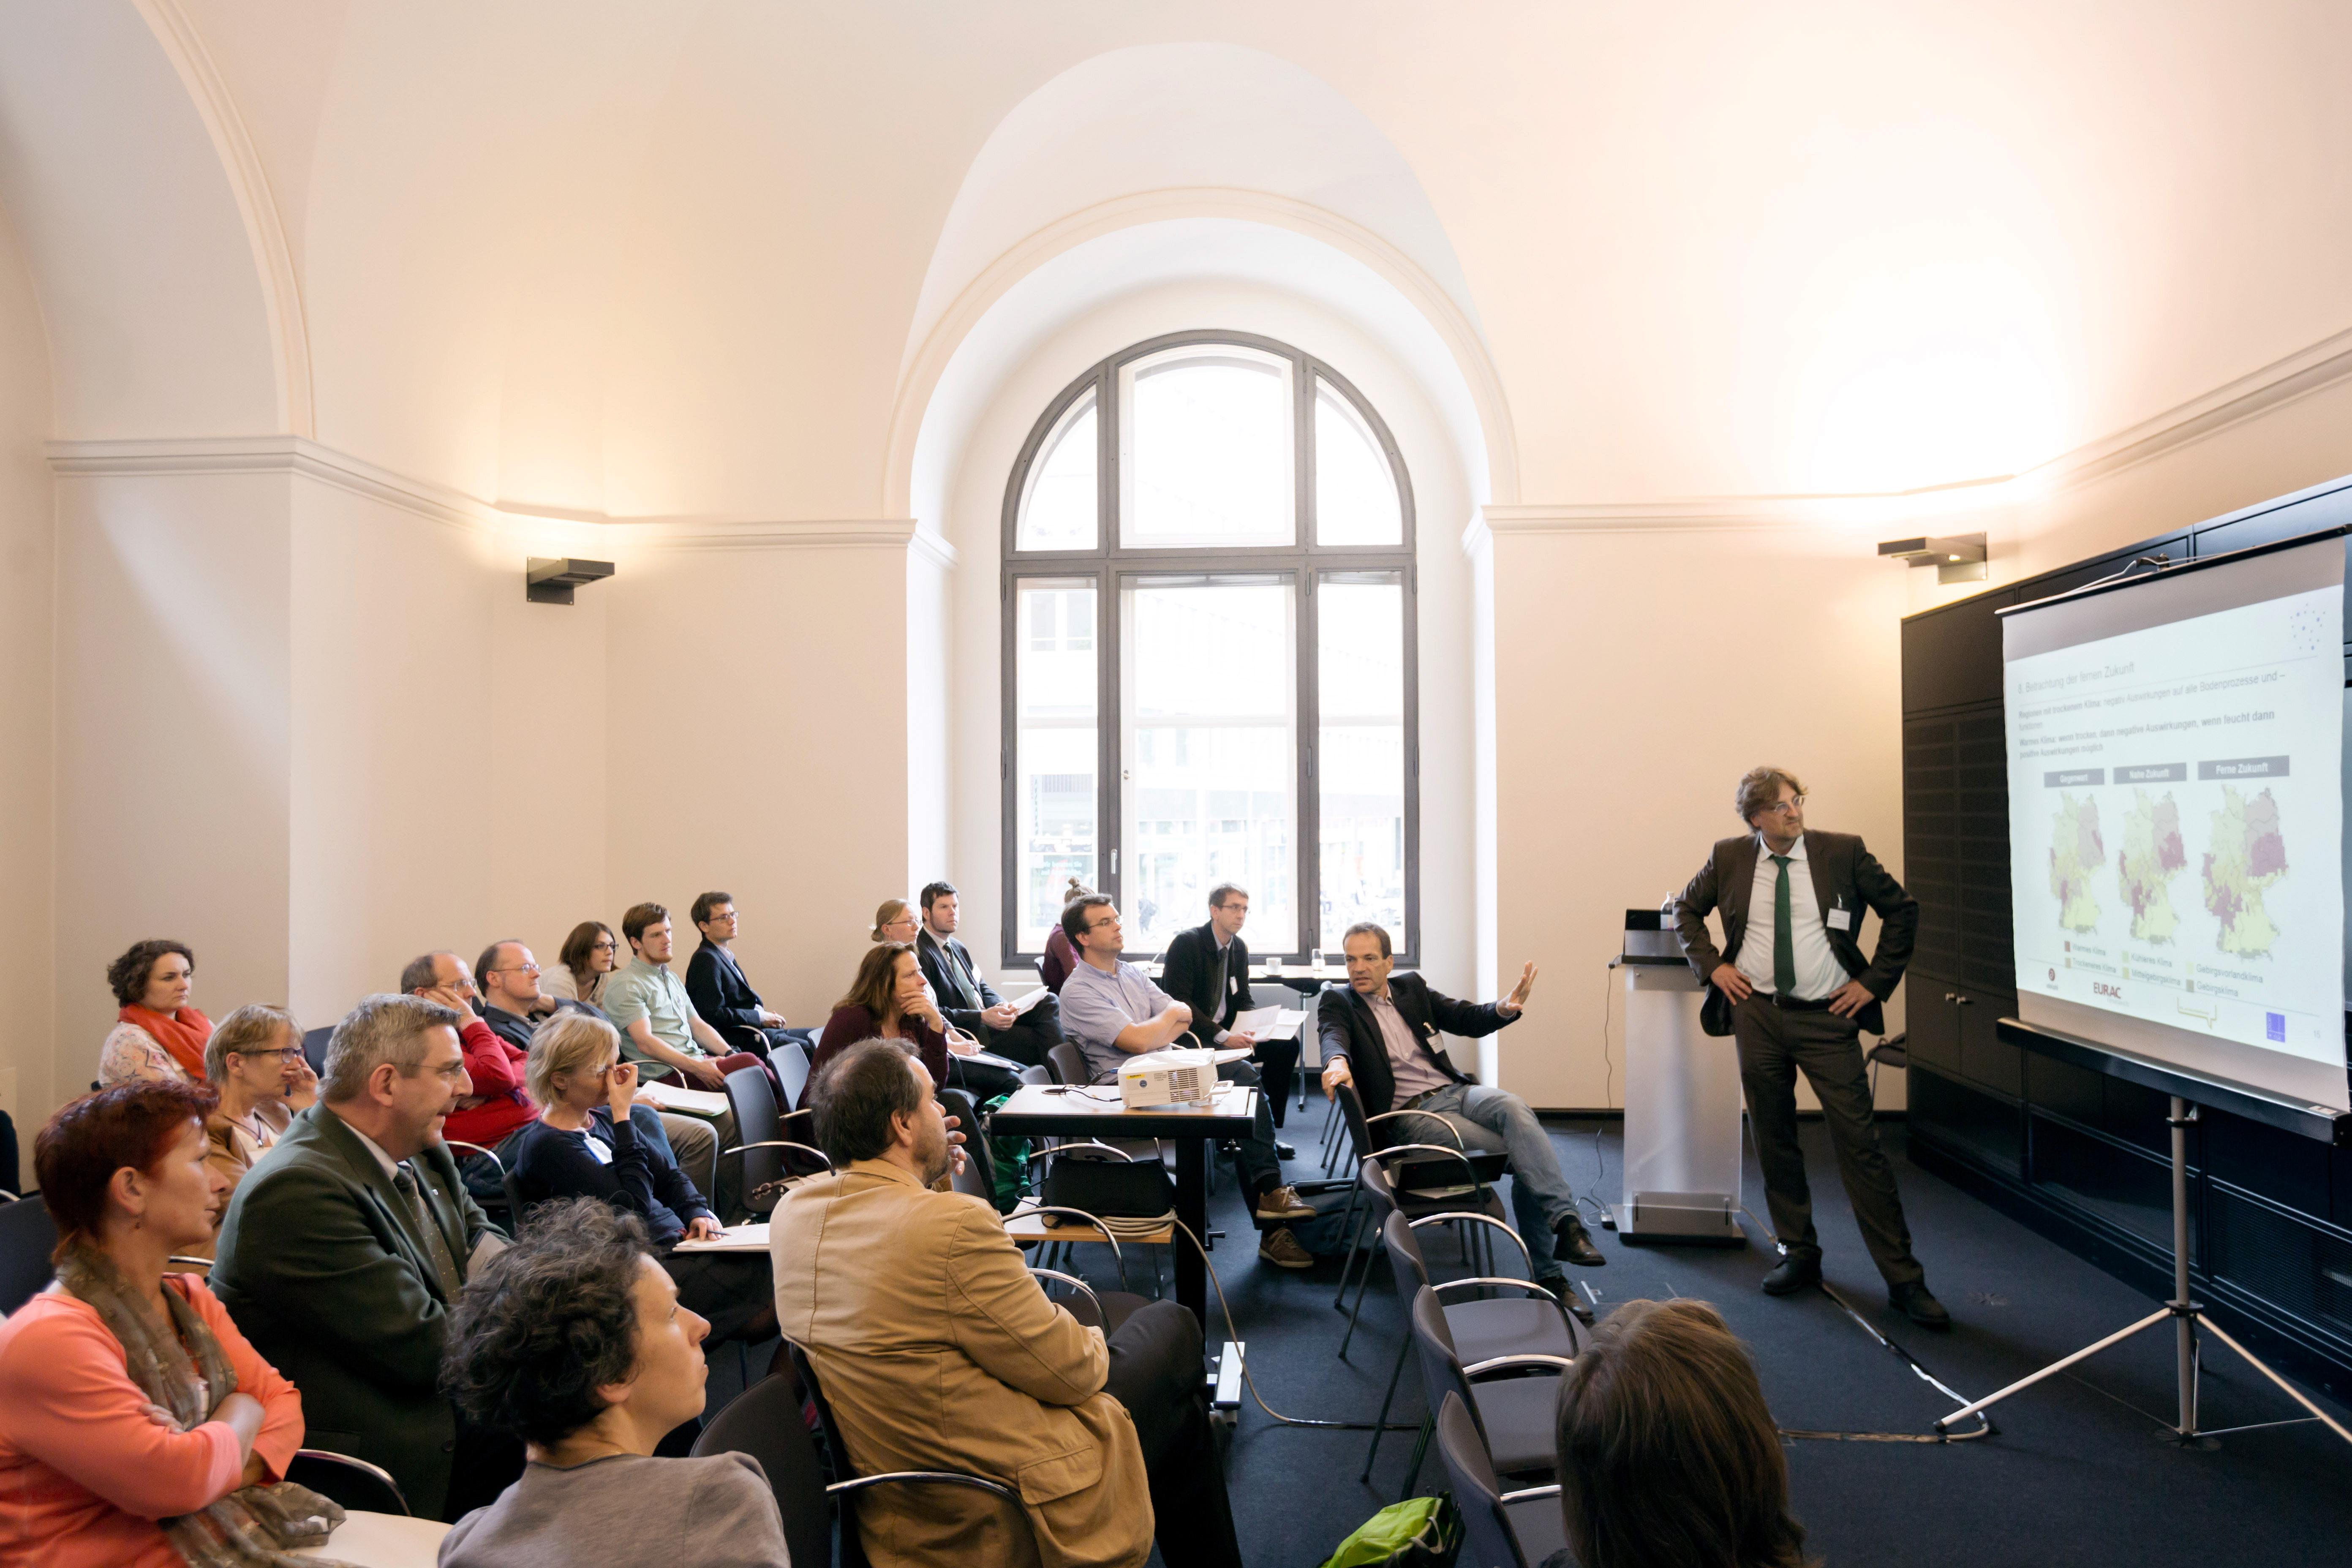 Ein Mann präsentiert seine Ergebnisse einem Publikum